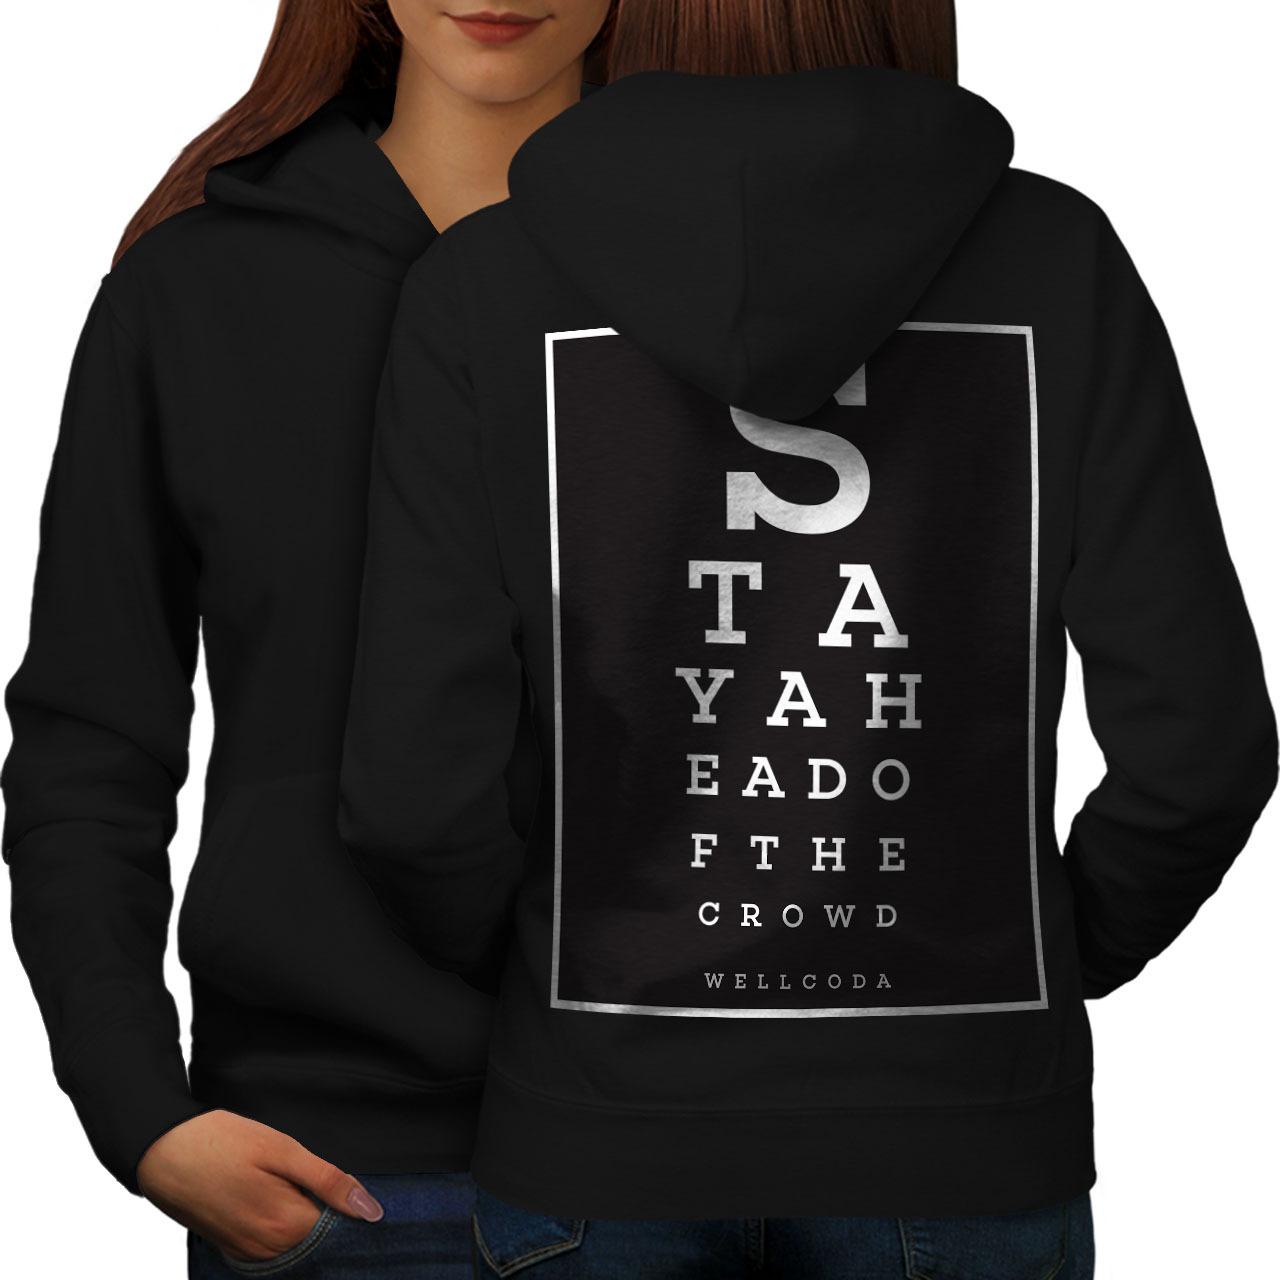 Letter Unique Wellcoda Sweatshirt Hoody Eye Health Women Hoodie Back - $21.99 - $22.99